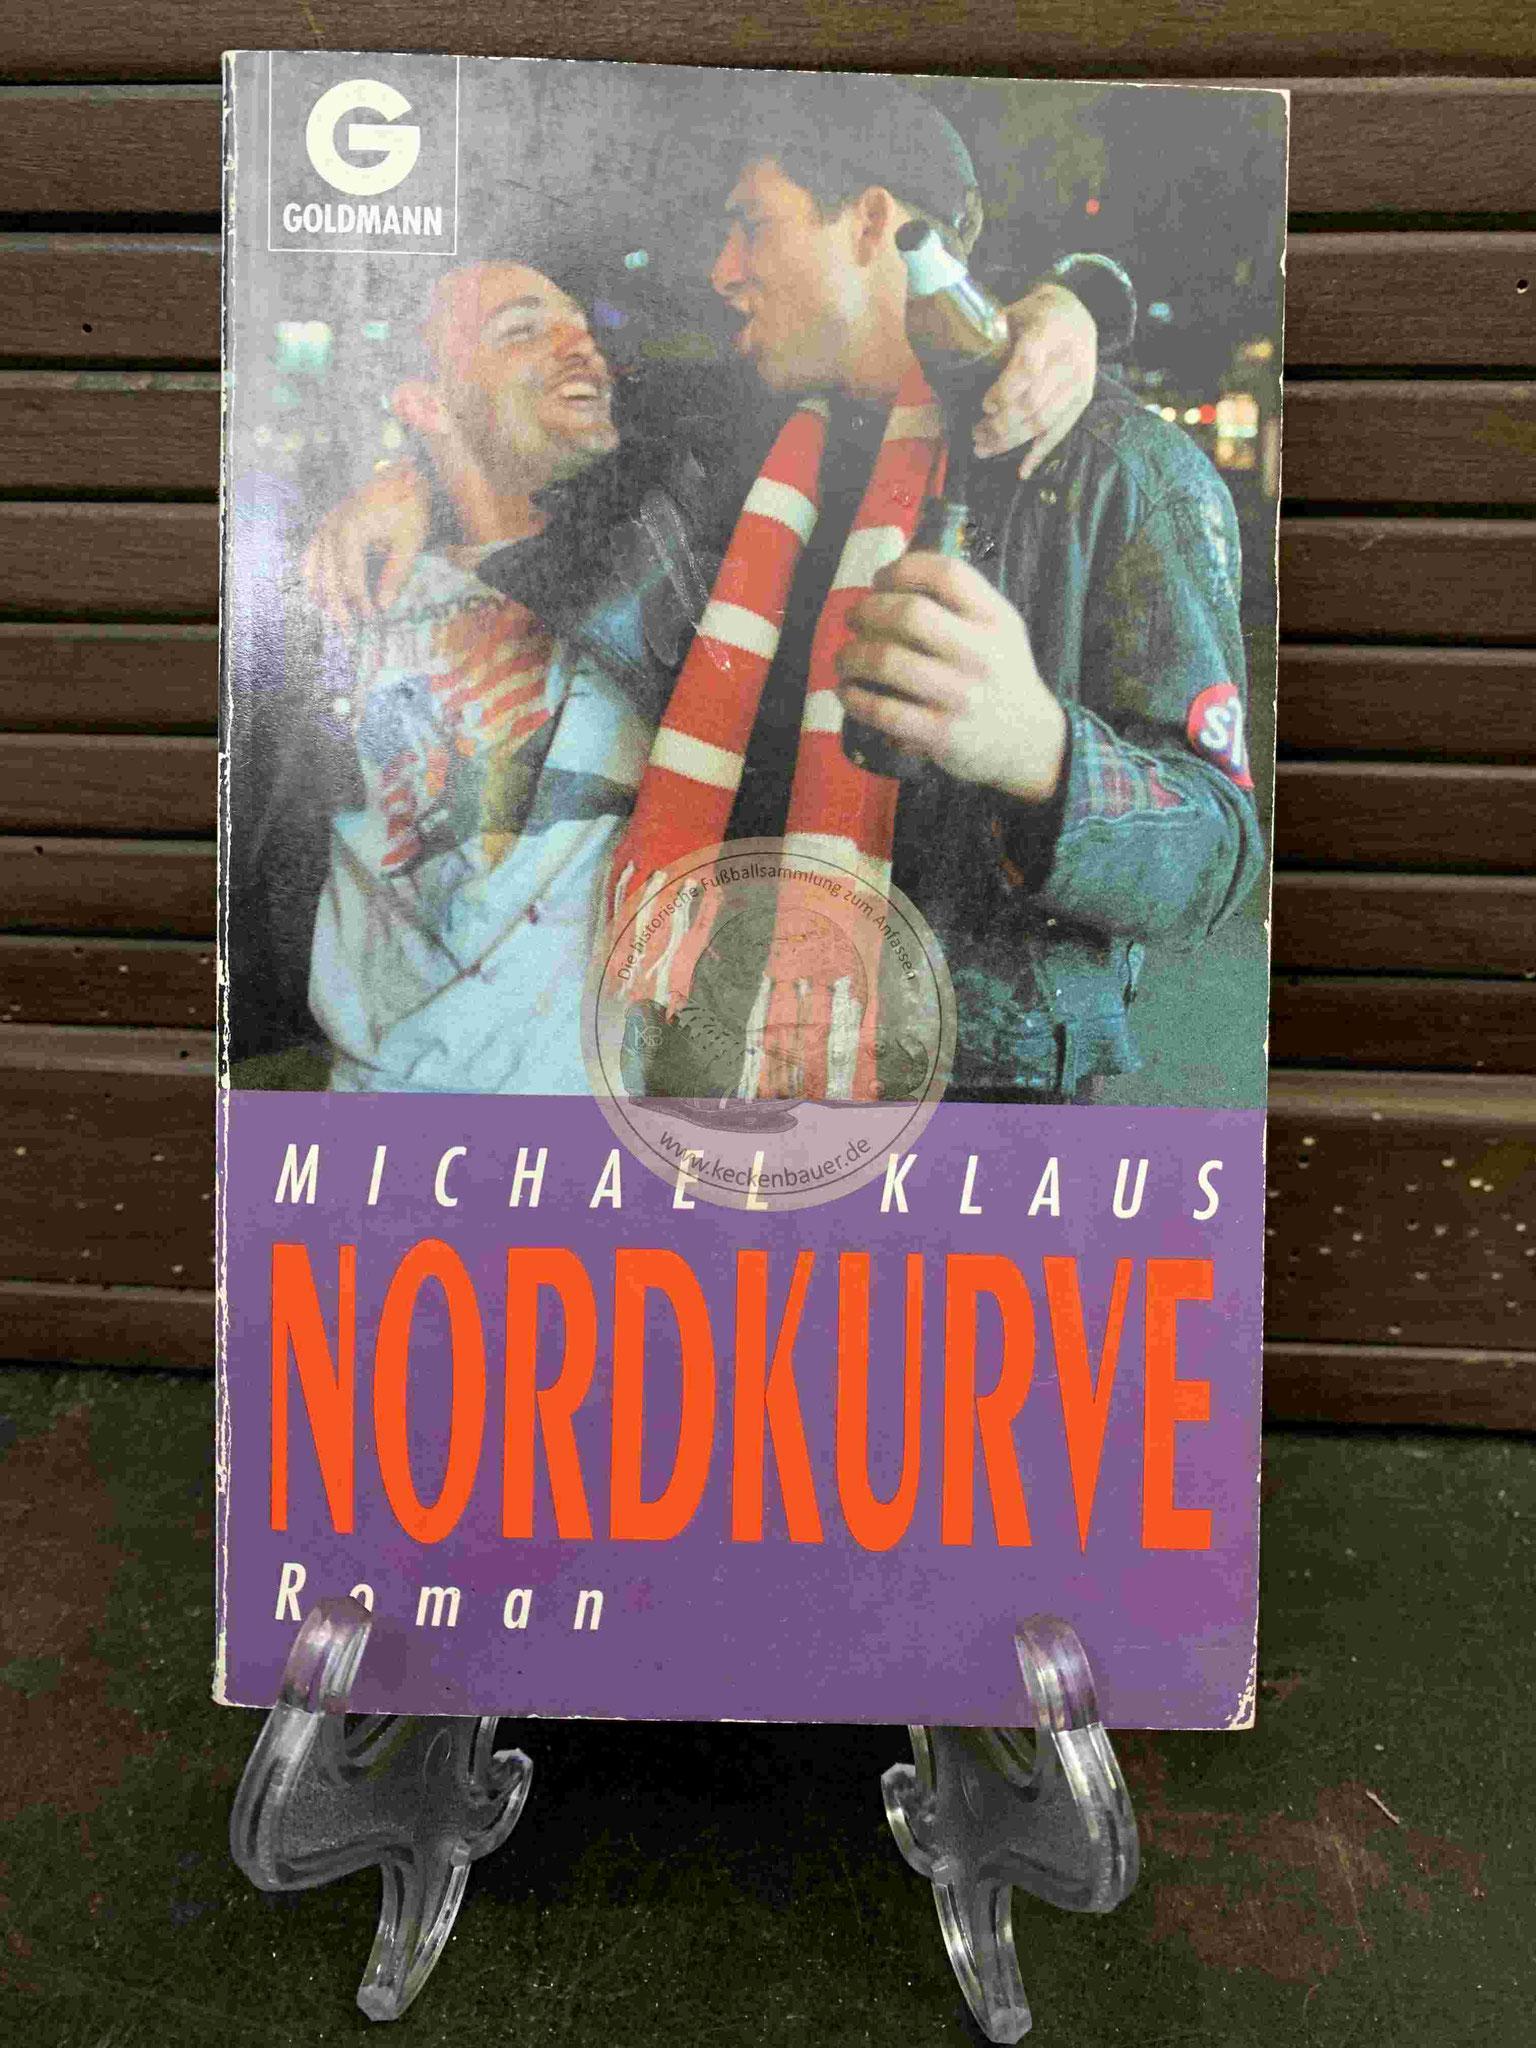 Michael Klaus Nordkurve aus dem Jahr 1993